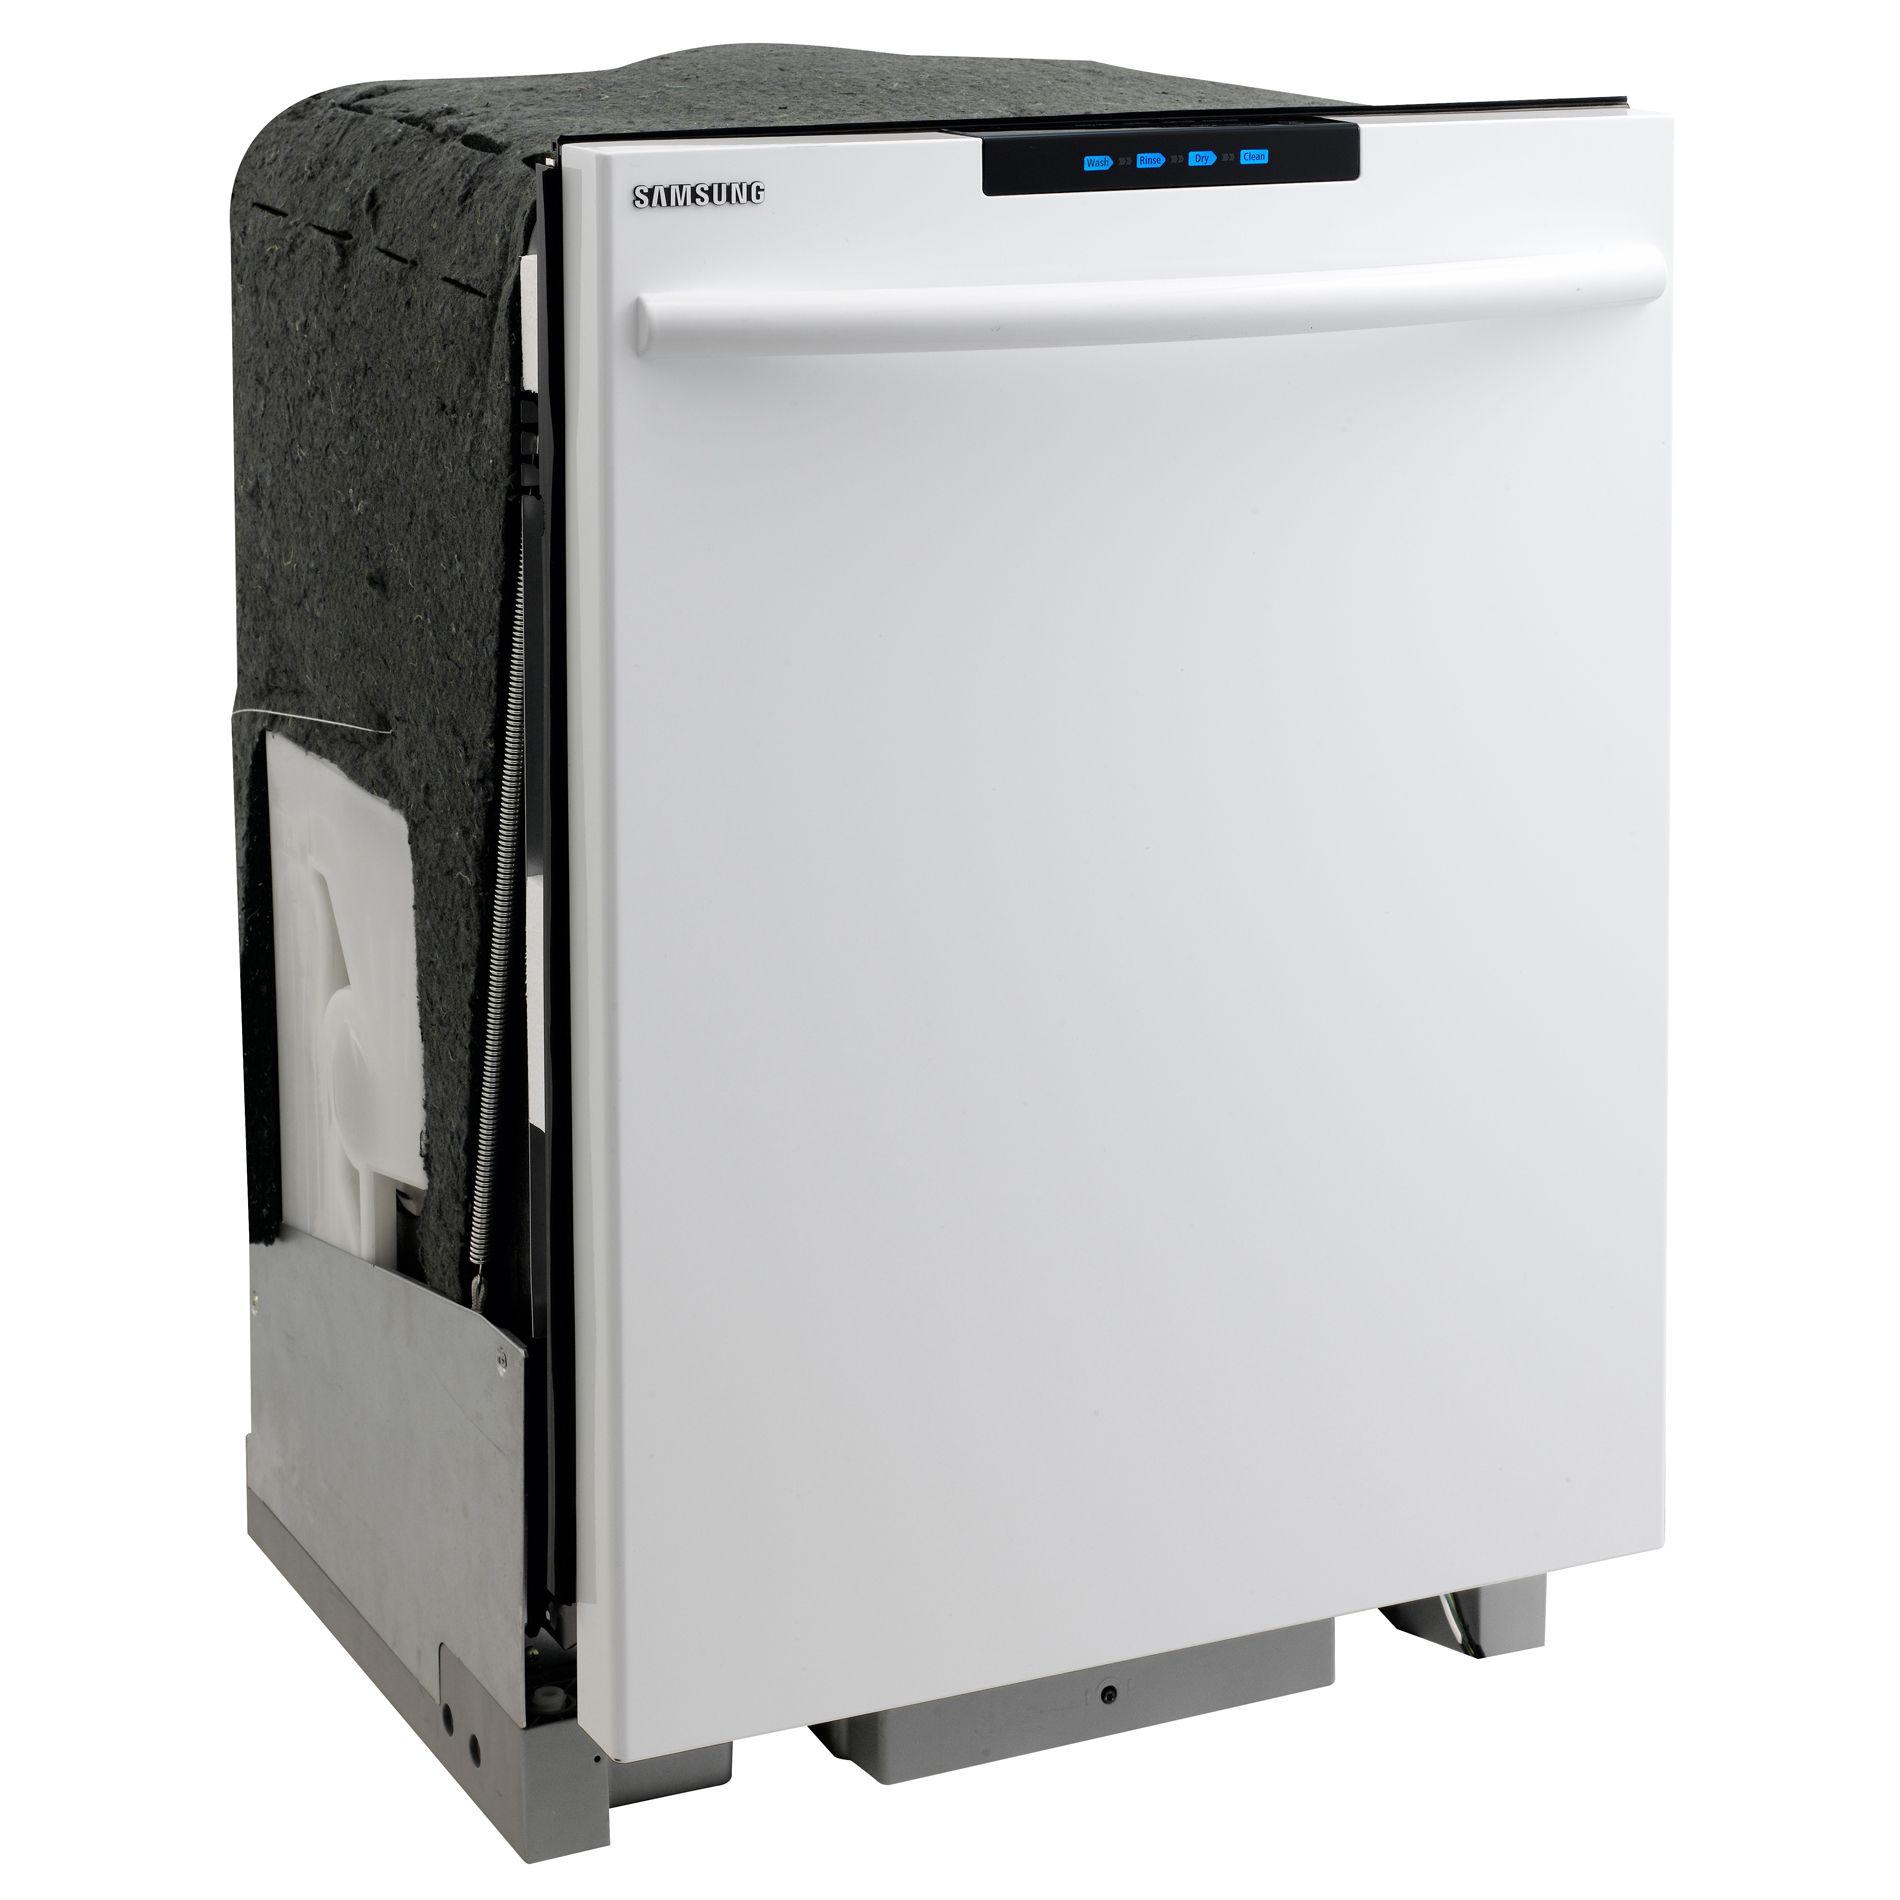 """Samsung 24"""" Built-In Dishwasher - DMT800RH"""